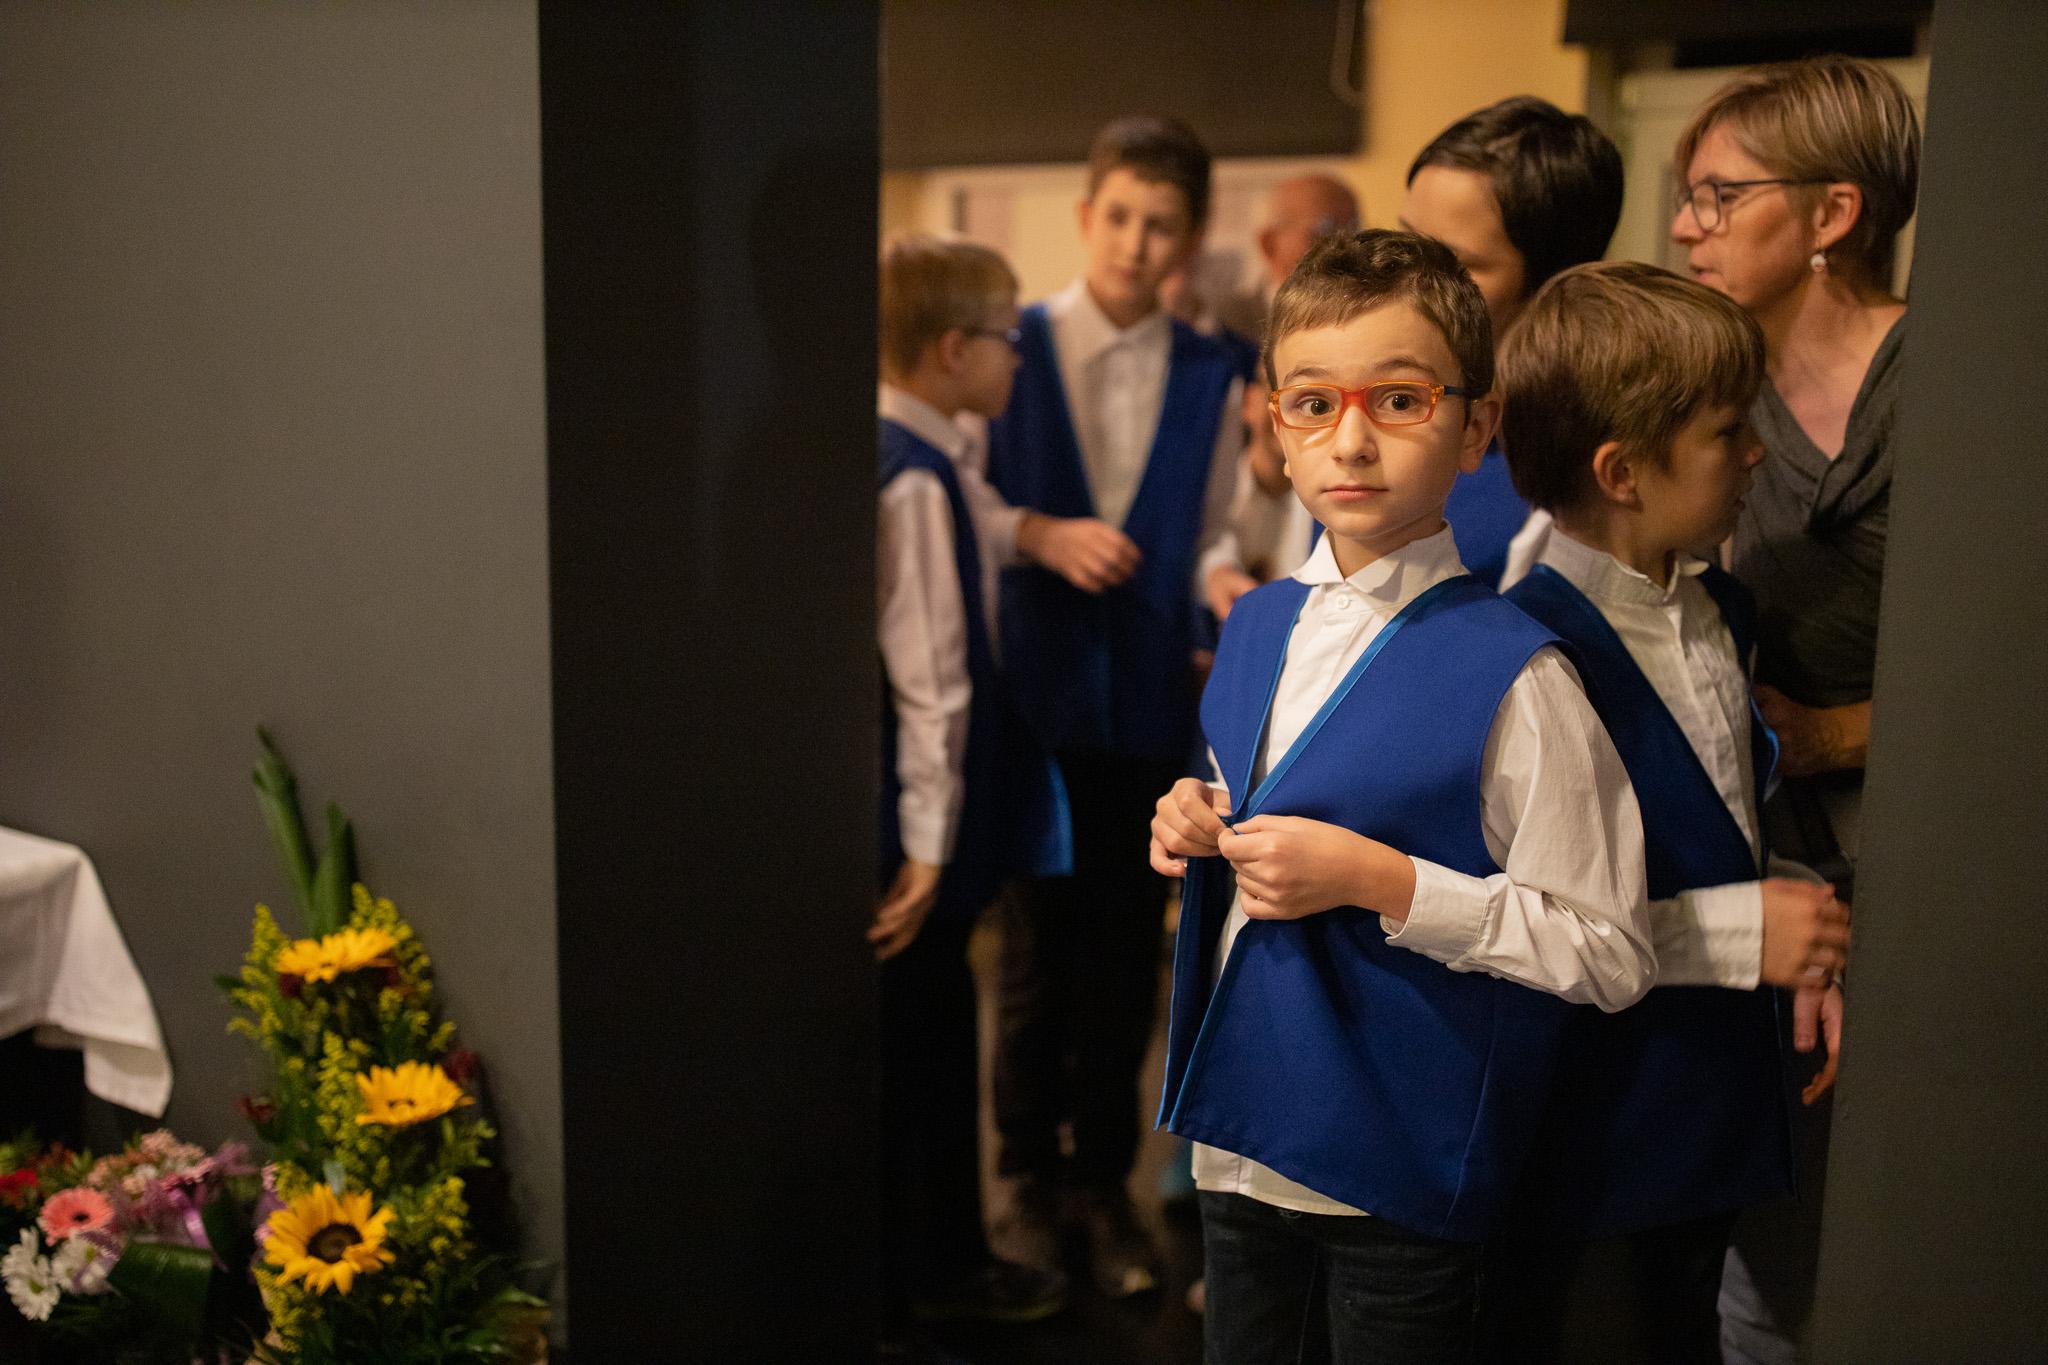 vernisáž PŘÍBĚH KATEŘINEK / 25. 11. 2019 // expozice Cesta města